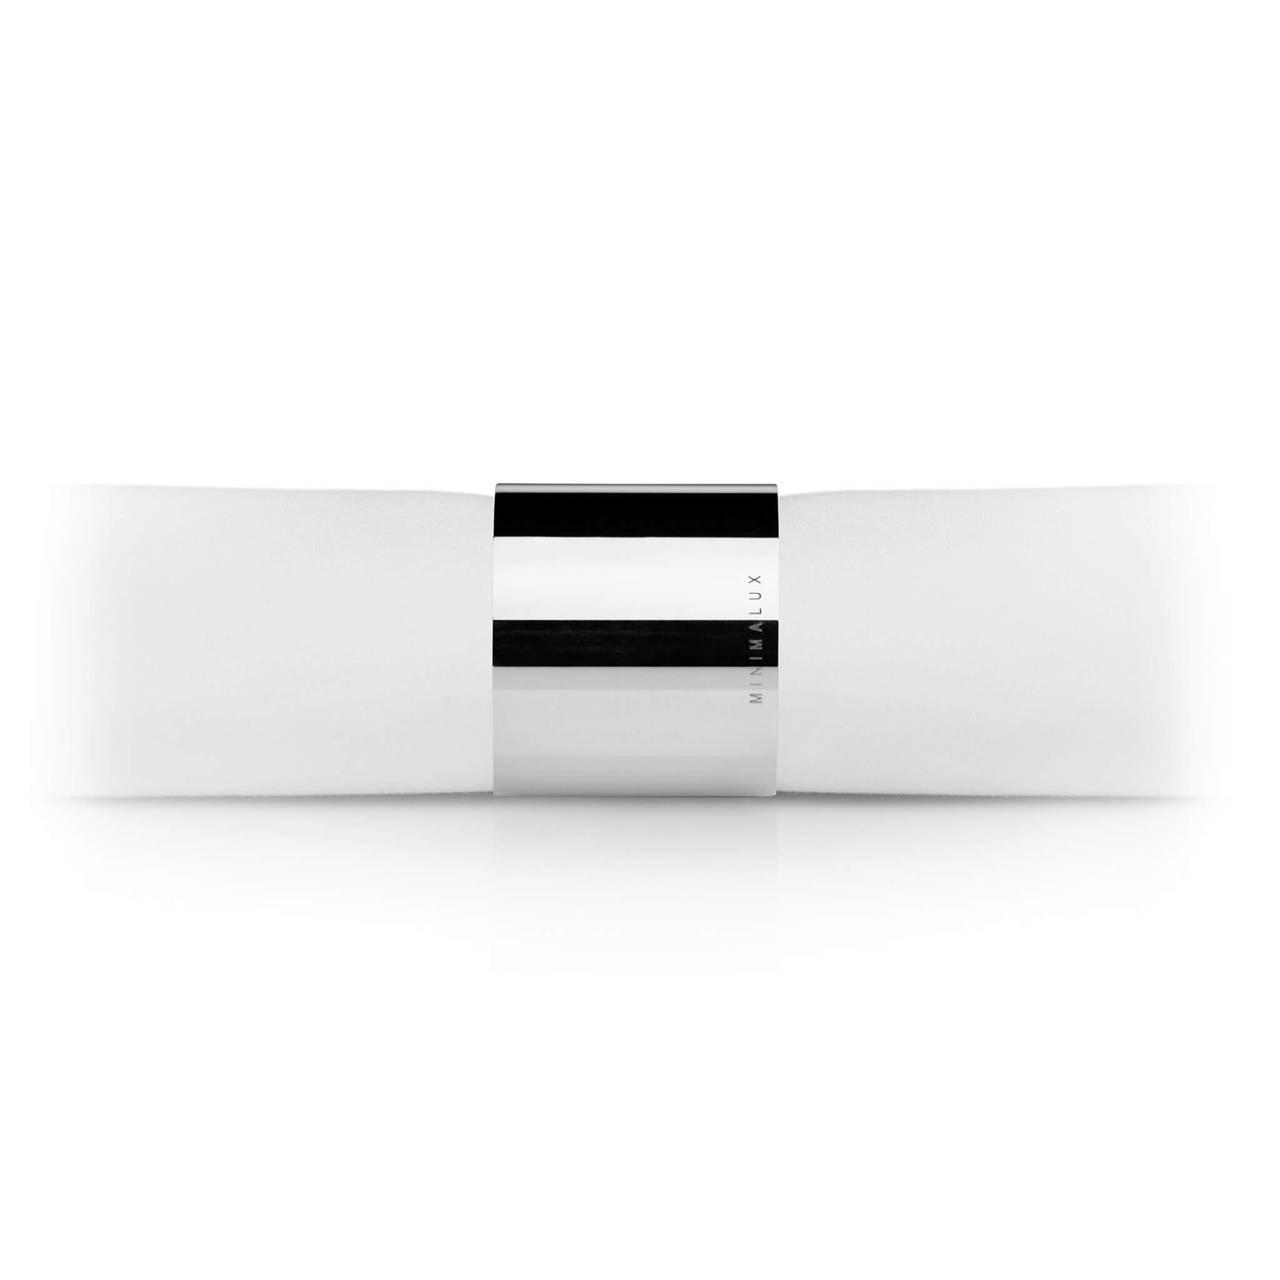 Tube Napkin Ring in Silver